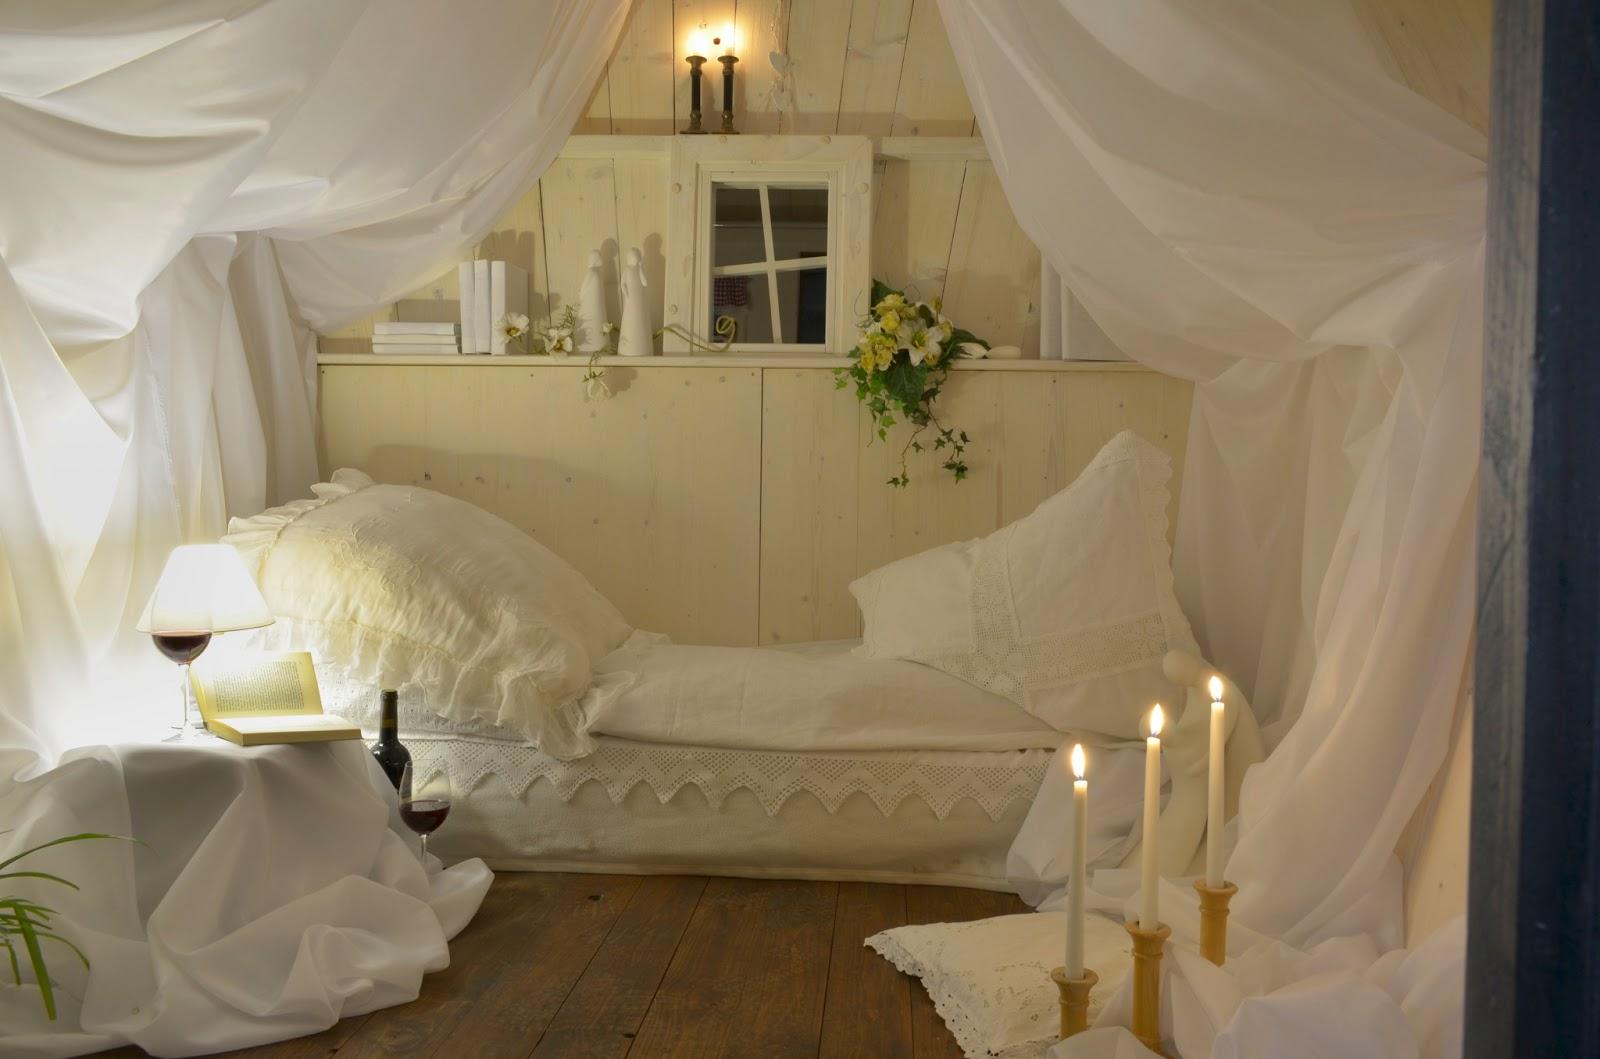 meiselbach mobilheime mein lieblingsplatz ein gartenhaus. Black Bedroom Furniture Sets. Home Design Ideas